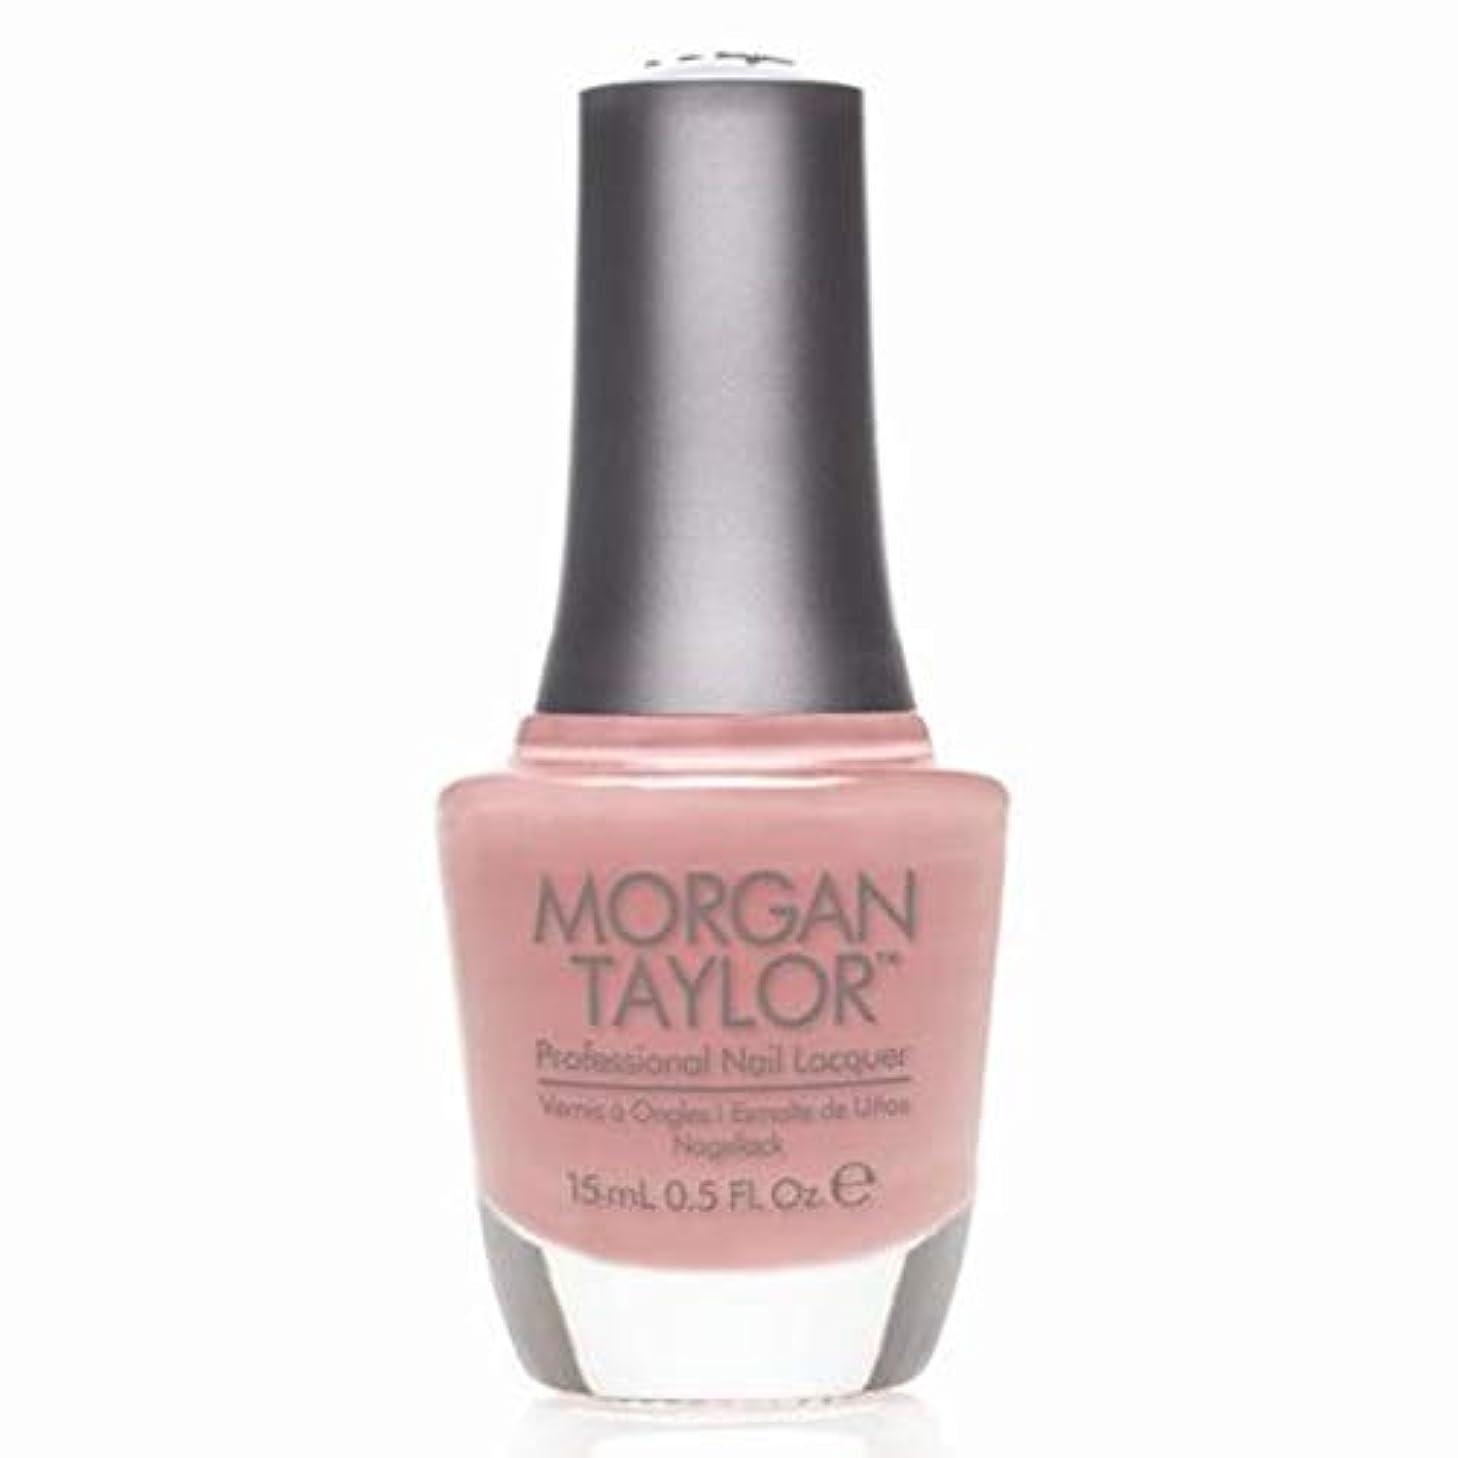 領事館ペック恥Morgan Taylor Nail Lacquer - Coming Up Roses - 15 ml/0.5 oz